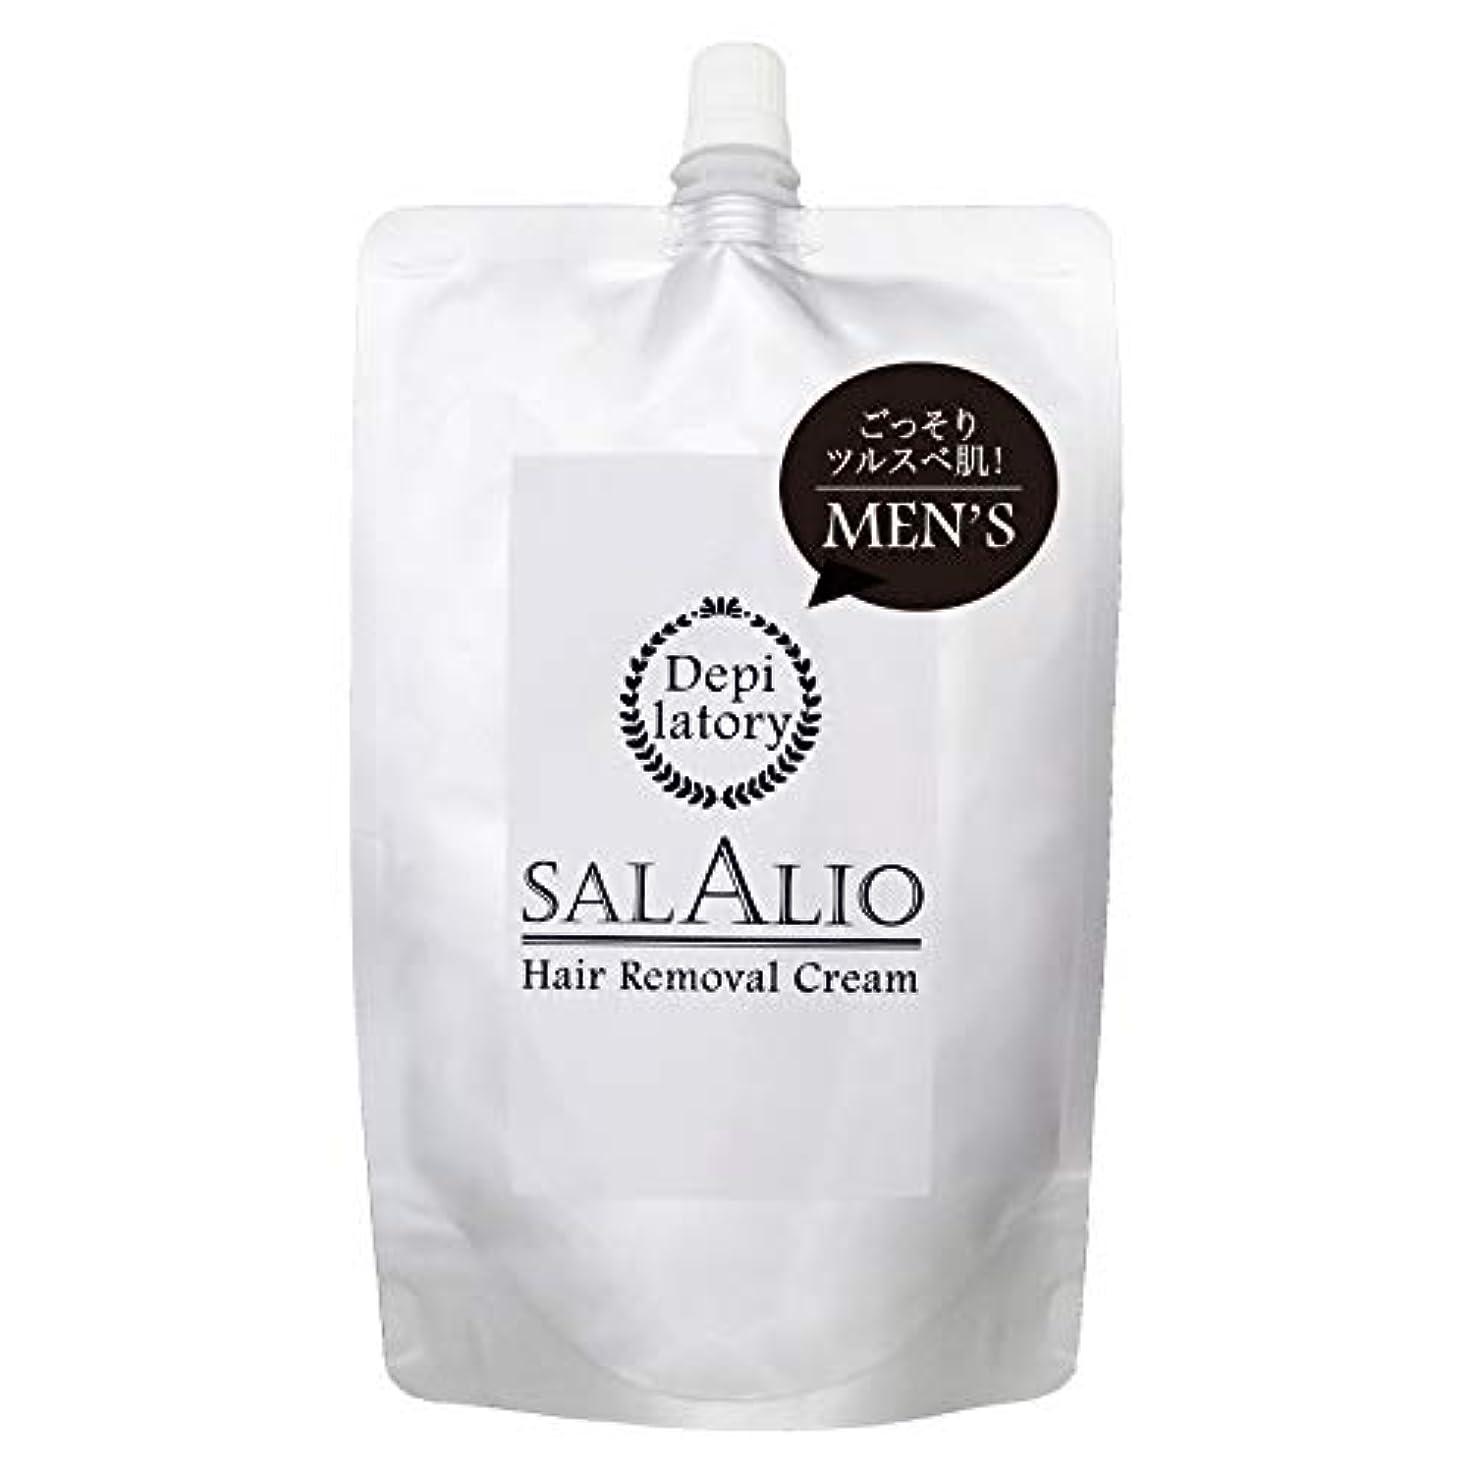 傾向傾向啓発する医薬部外品 SALALIO サラリオ メンズ 除毛 脱毛 リムーバークリーム 陰部 ボディ用